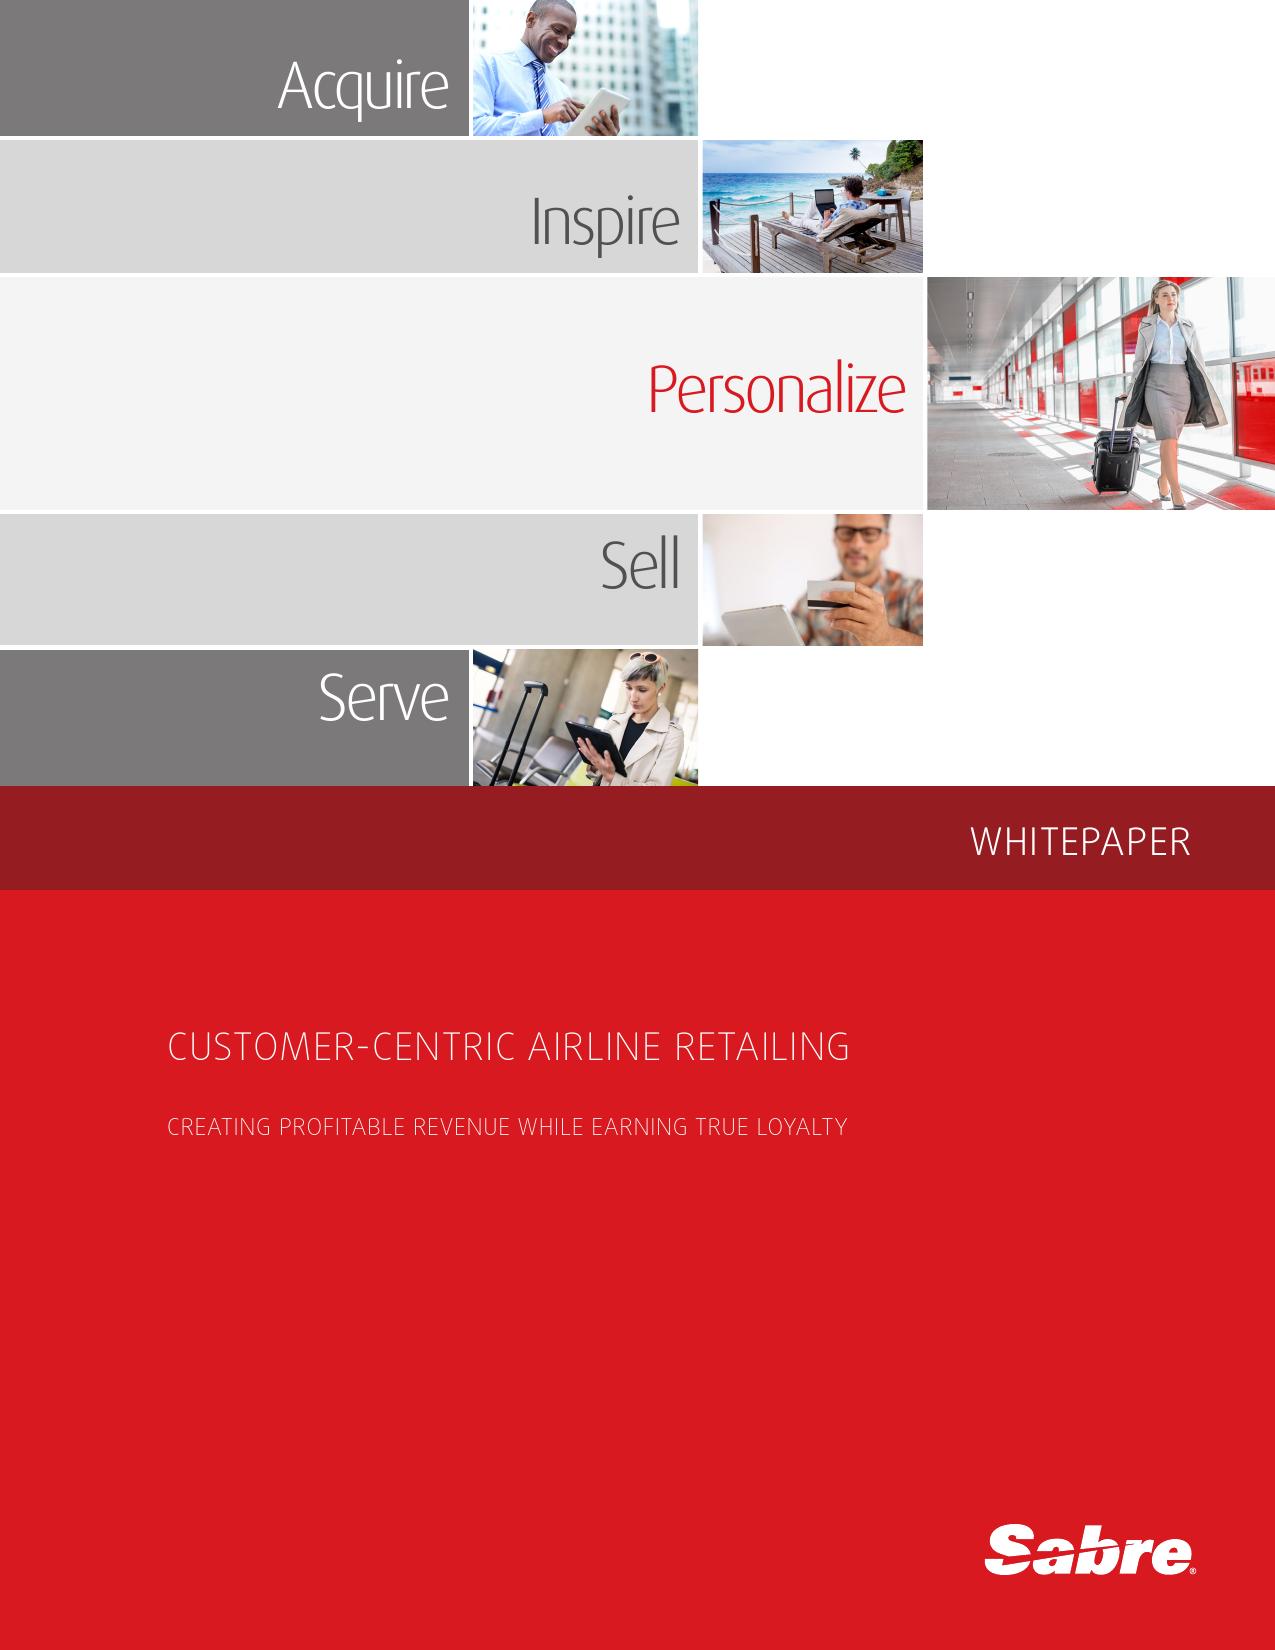 Sabre:探索以客户为中心的零售航空公司_000001